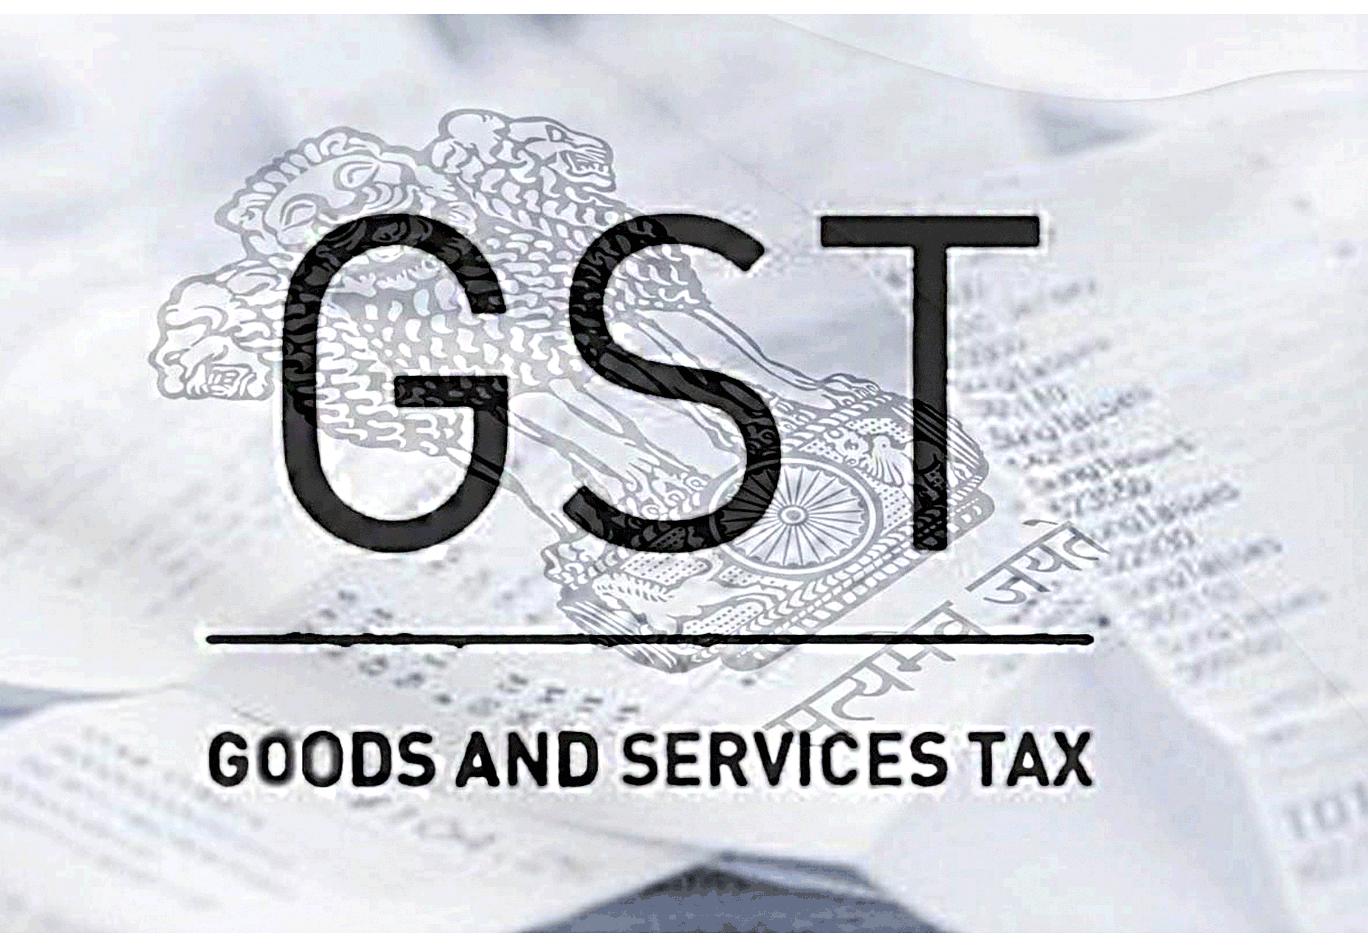 Railways Should Explore Non-fare Revenue Sources For Growth: Economic Survey